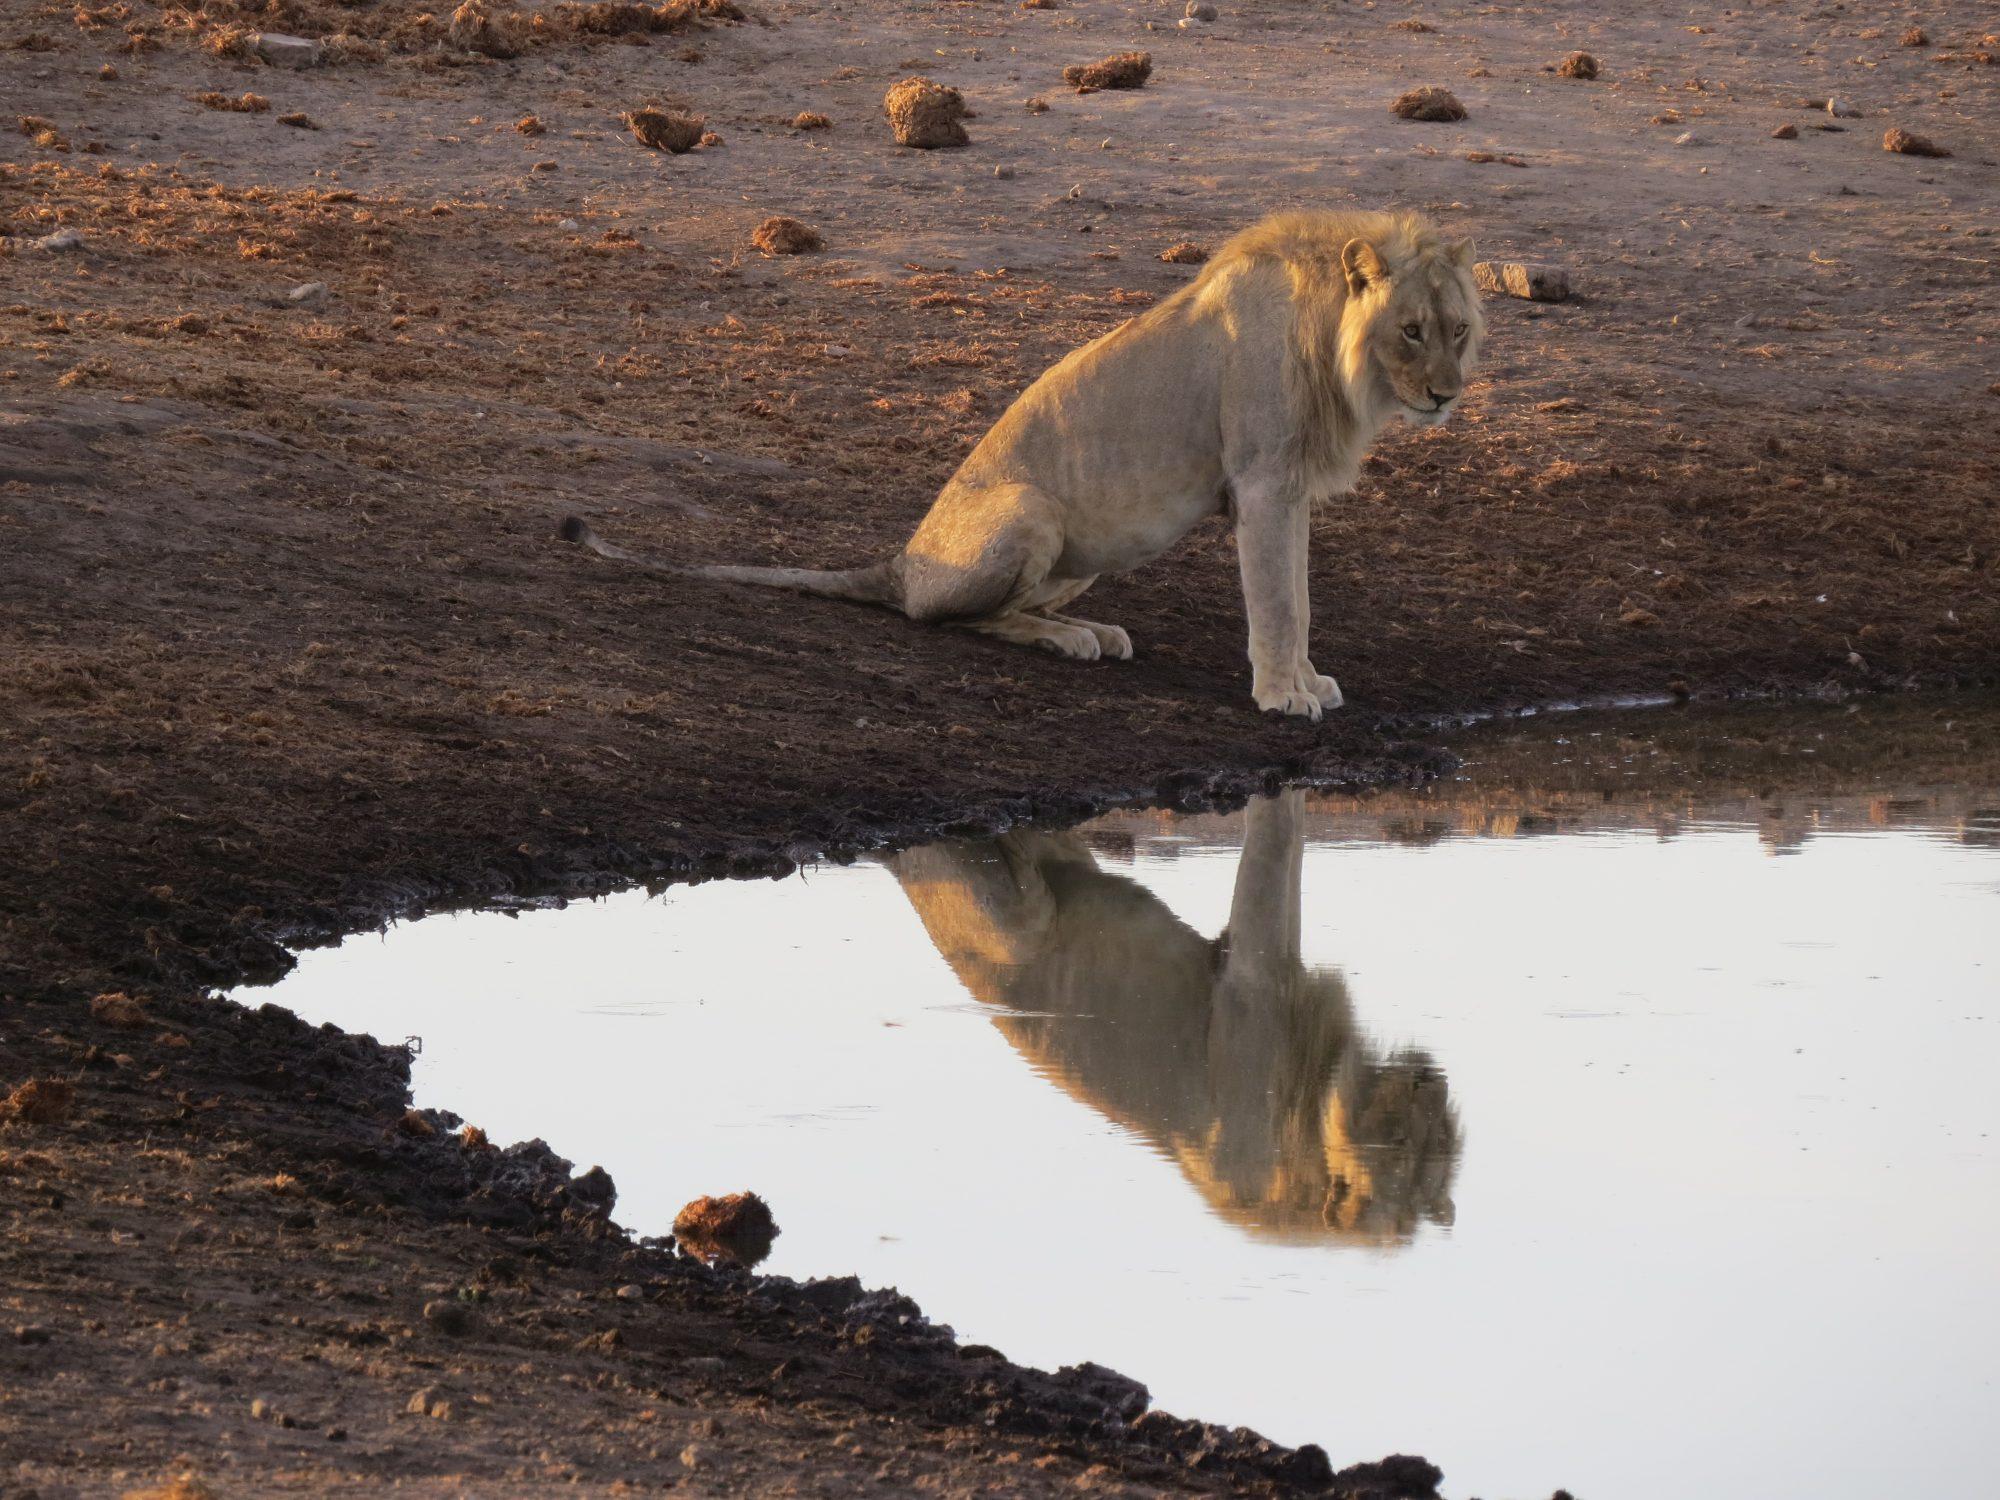 Leeuw in Etosha